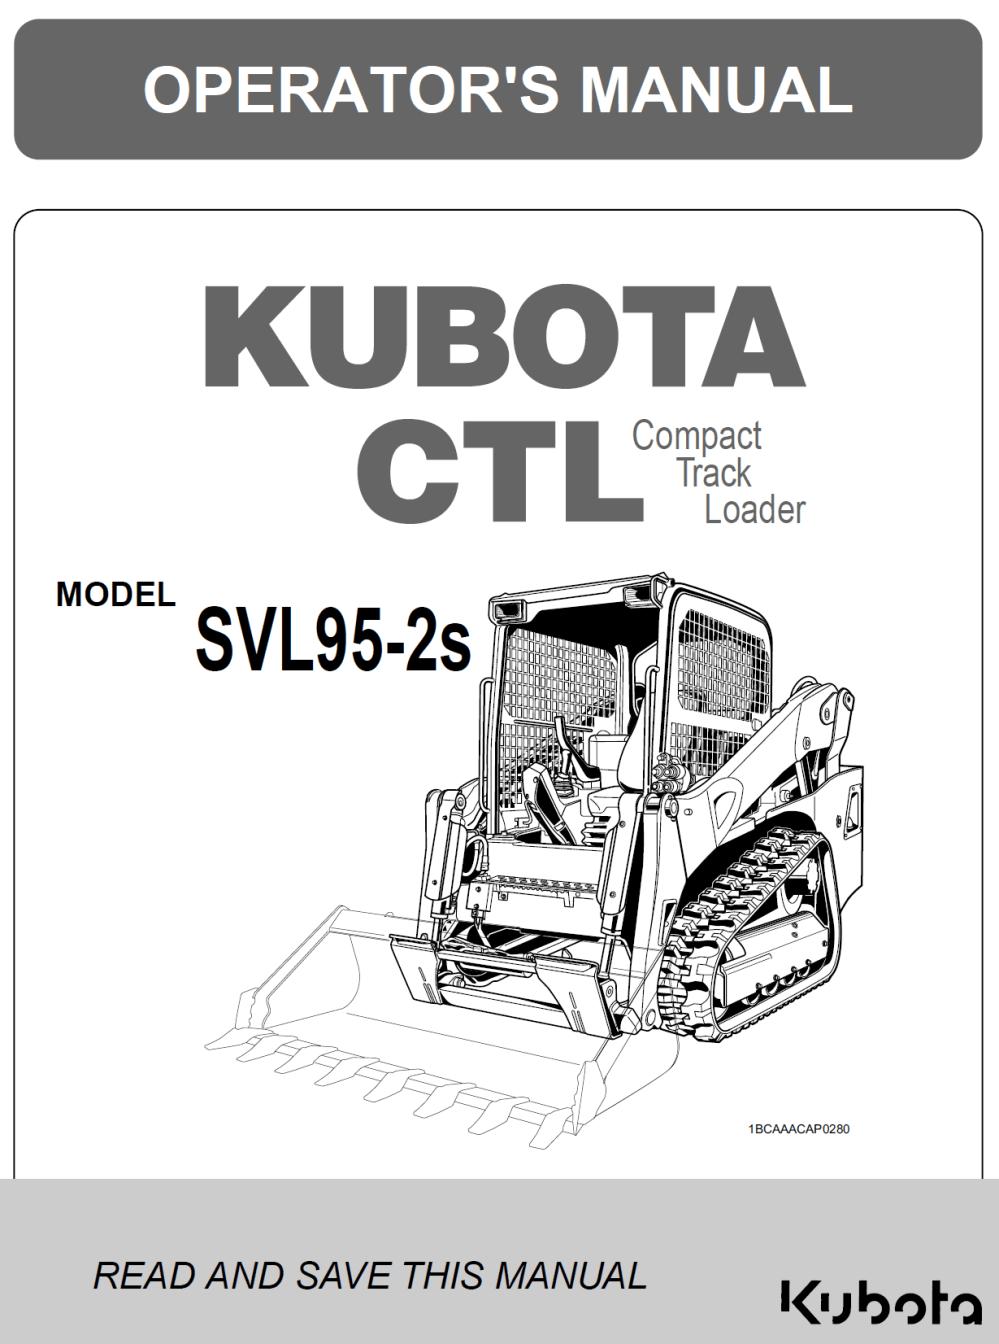 medium resolution of kubota svl95 2s operator s manual garton tractor california kubota new holland tractors equipment